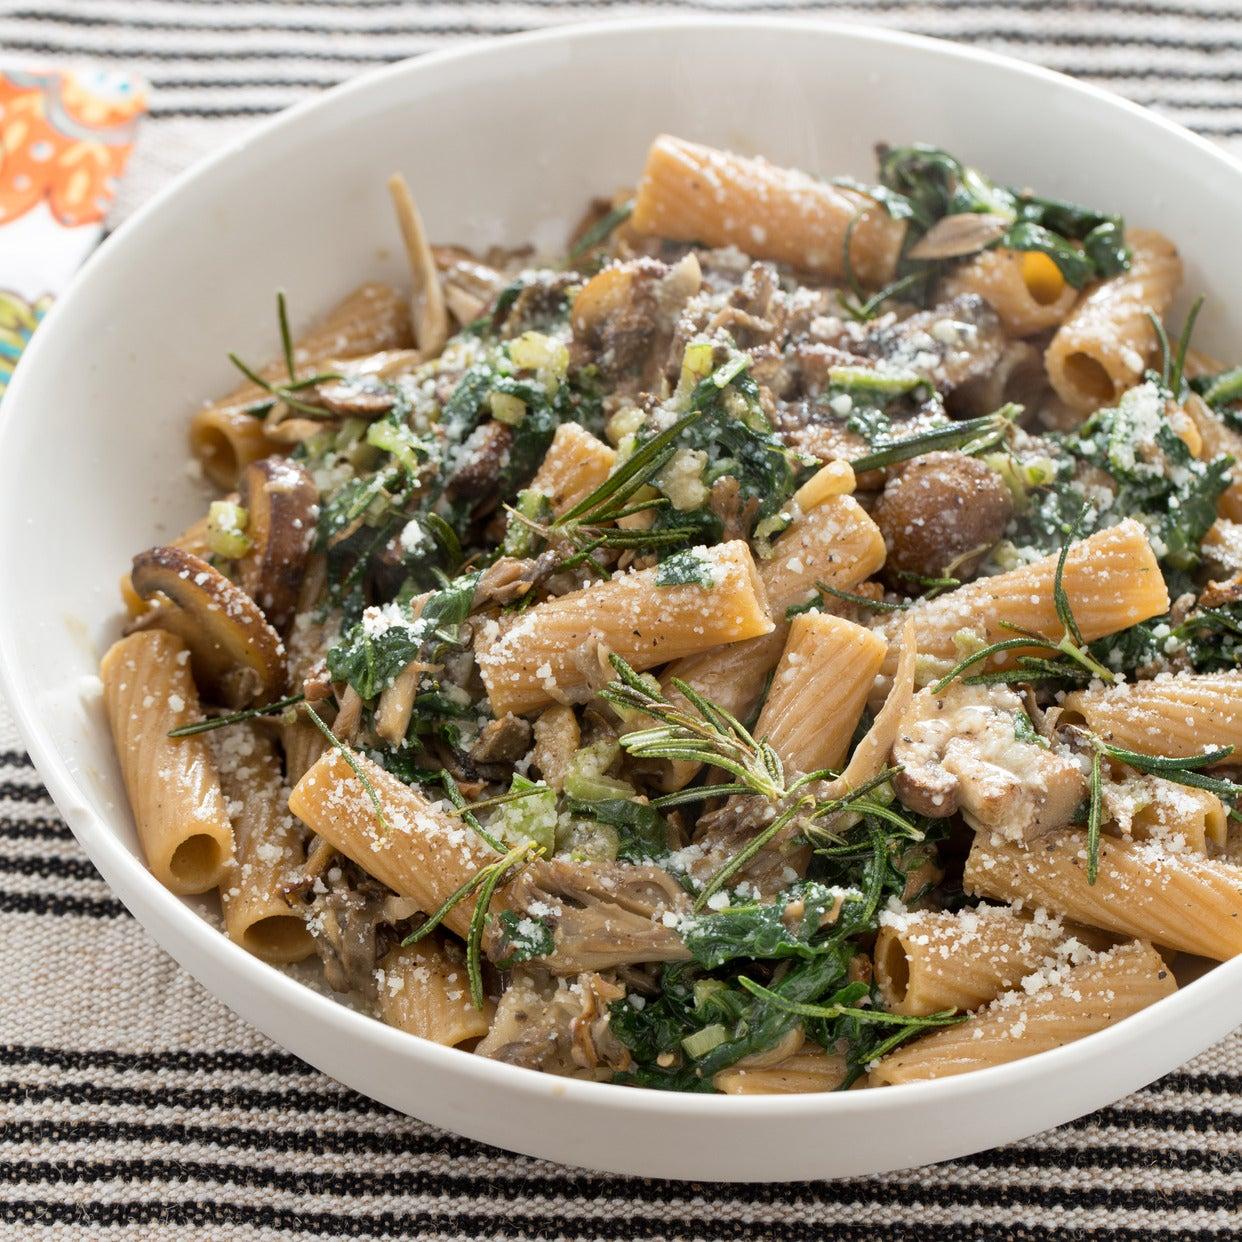 Whole Wheat Rigatoni with Wild Mushrooms & Swiss Chard